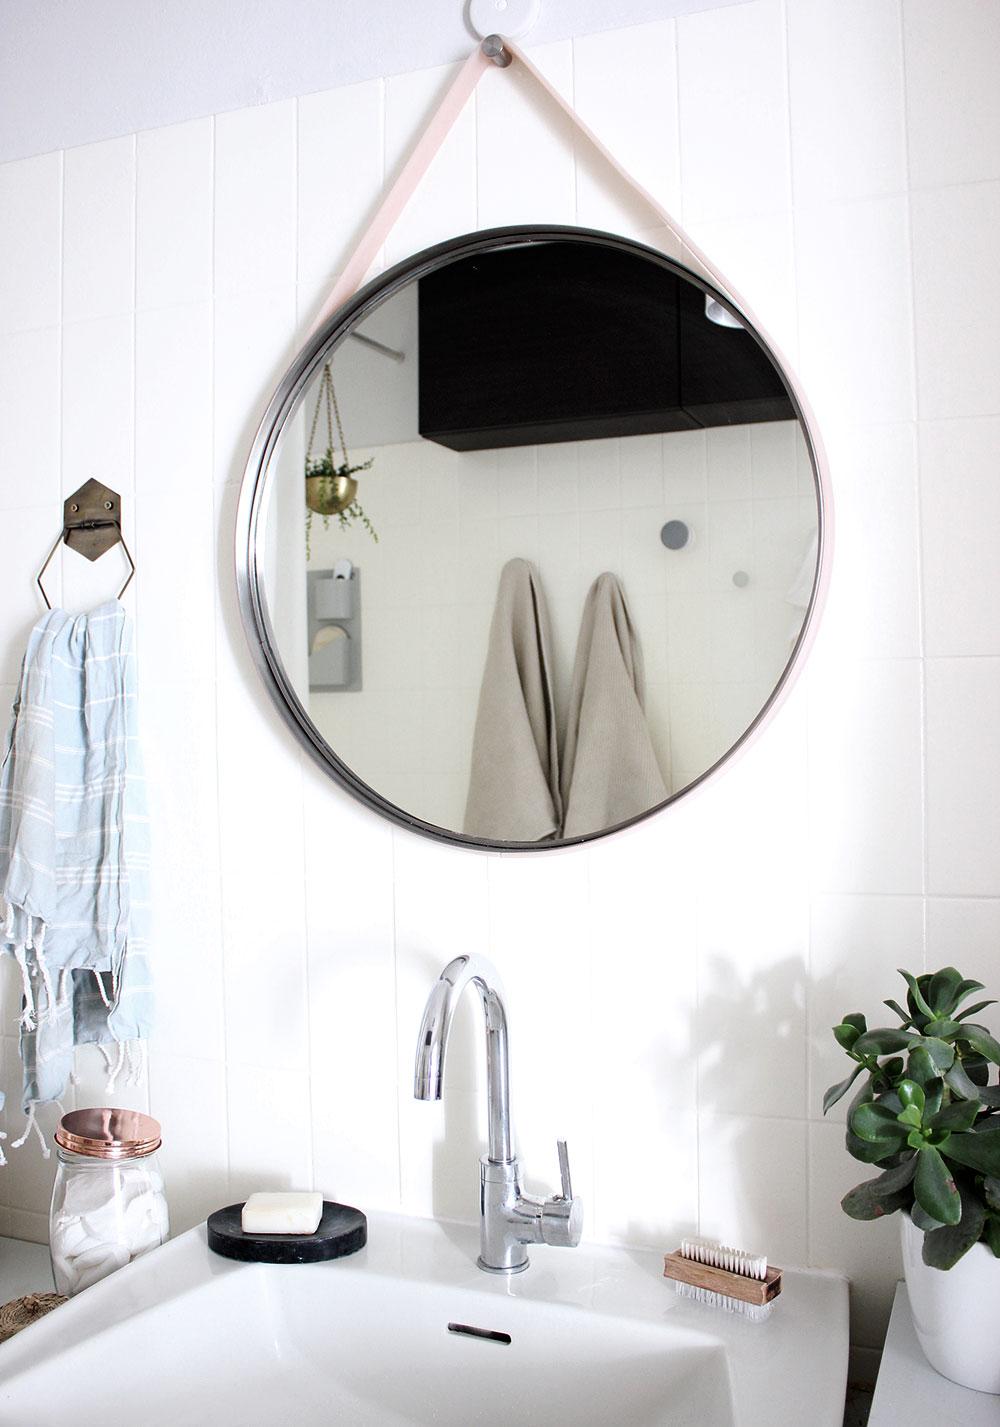 DIY-Spiegel aus Ikea Grundtal Spiegel und Silikonband von HAYs Strap Mirror.